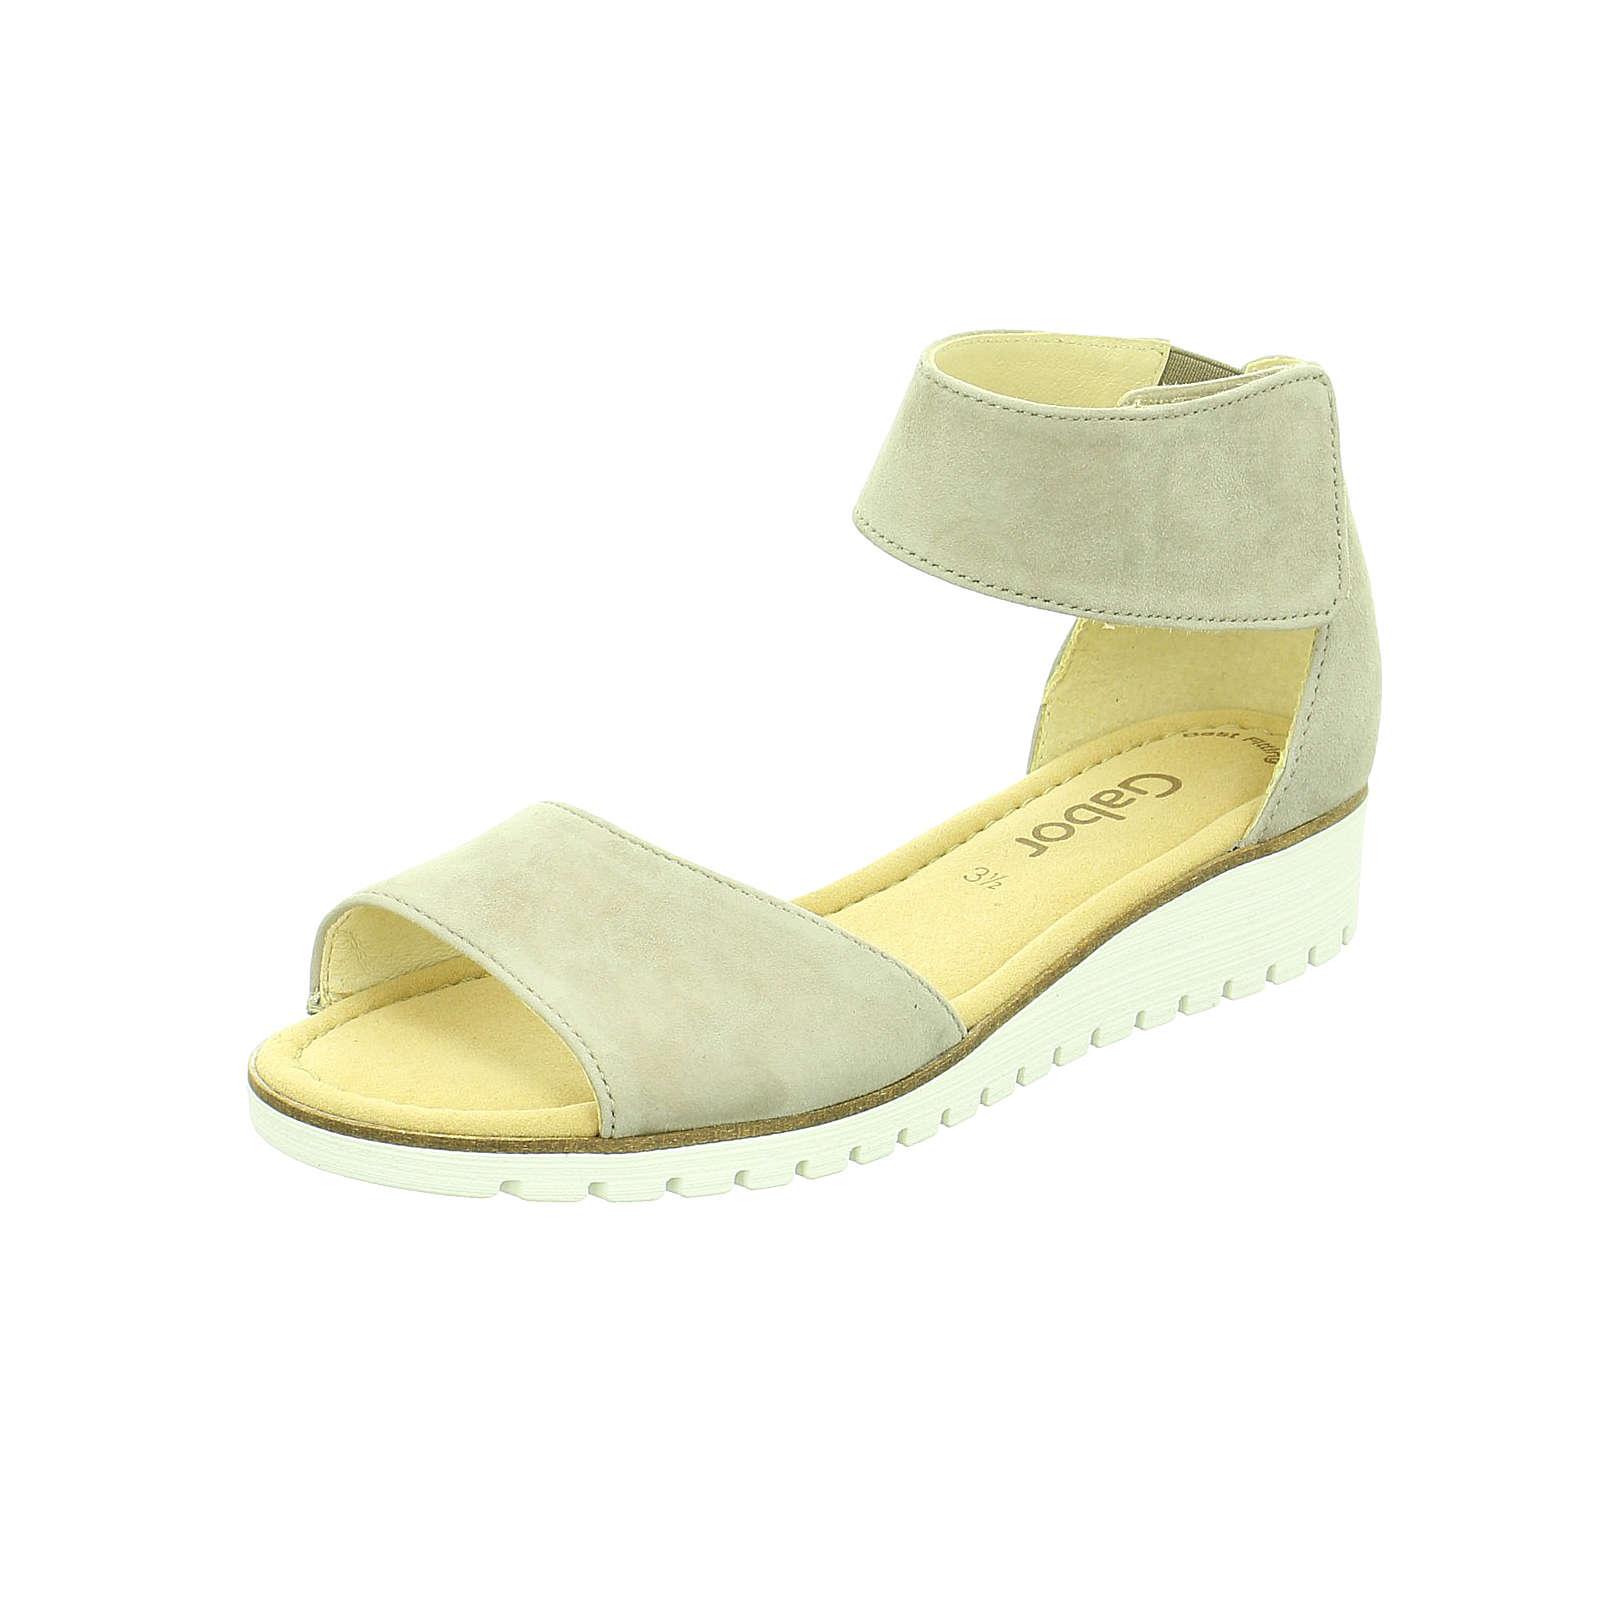 Gabor Klassische Sandaletten beige Damen Gr. 40